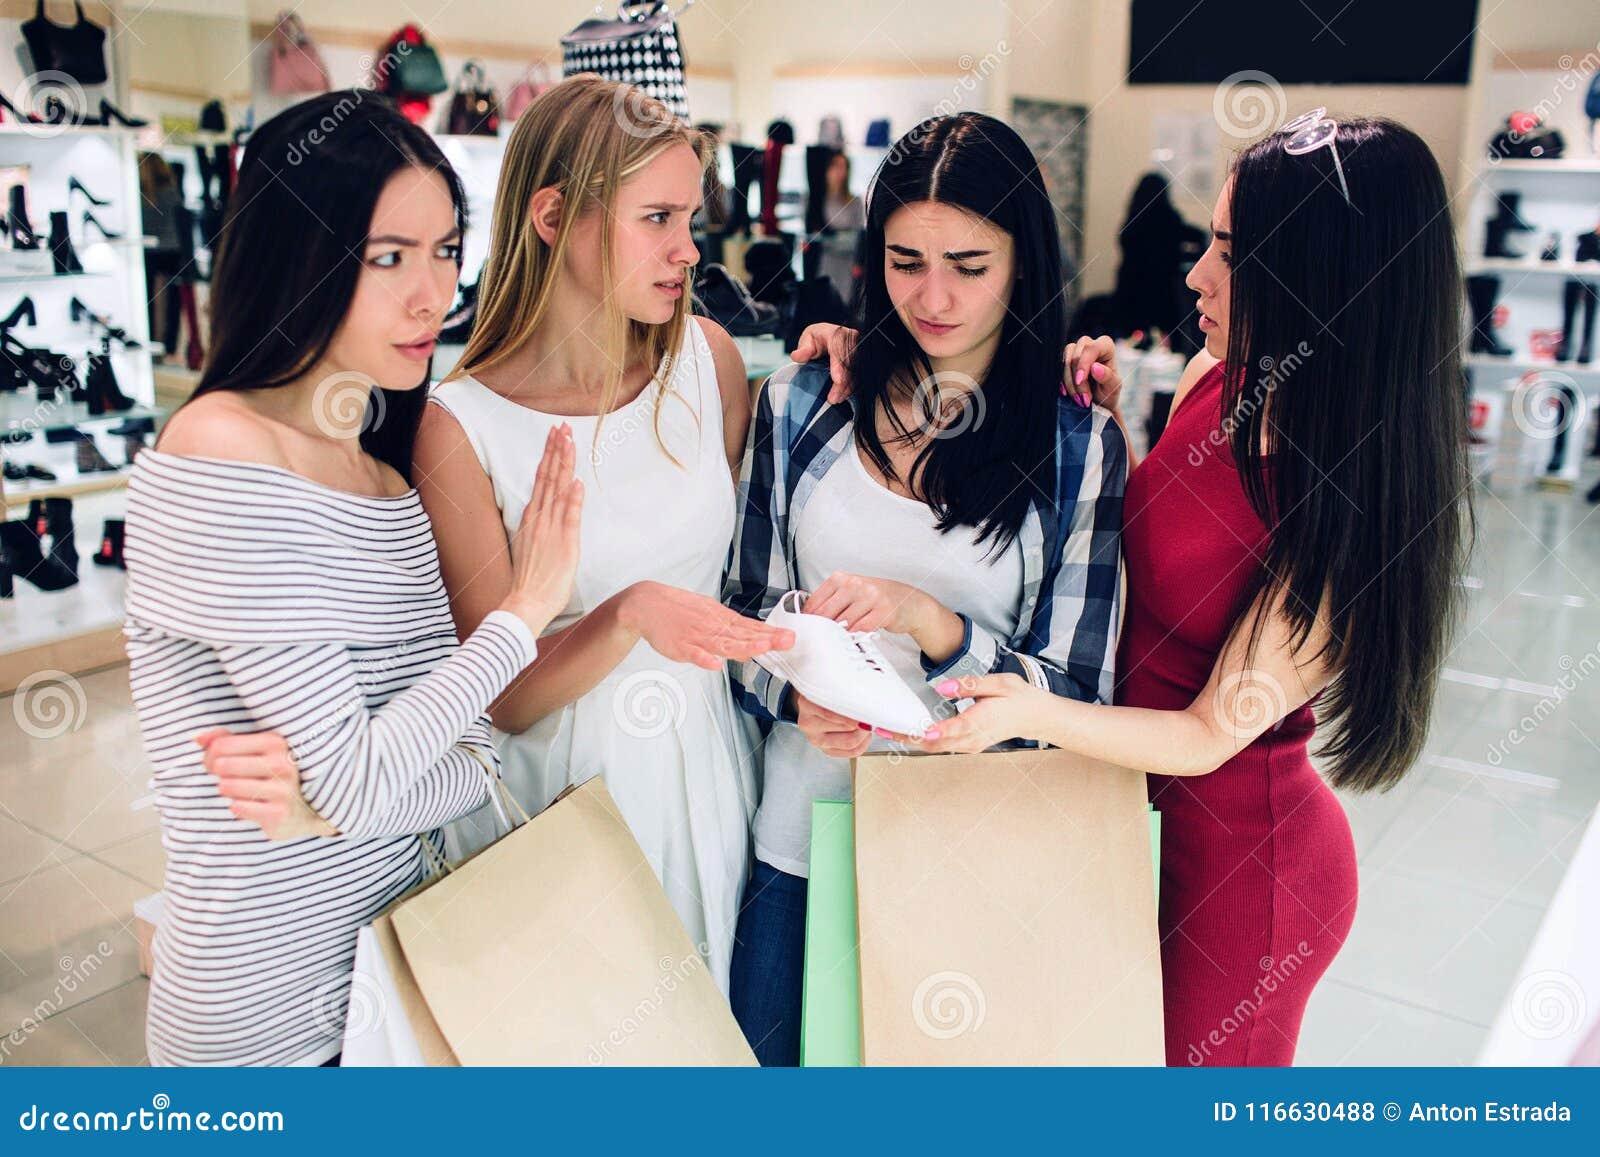 A menina moreno na camisa está guardando uma das cruzes brancas Duvida para comprá-lo Seu amigo está dando recomenda-lhe